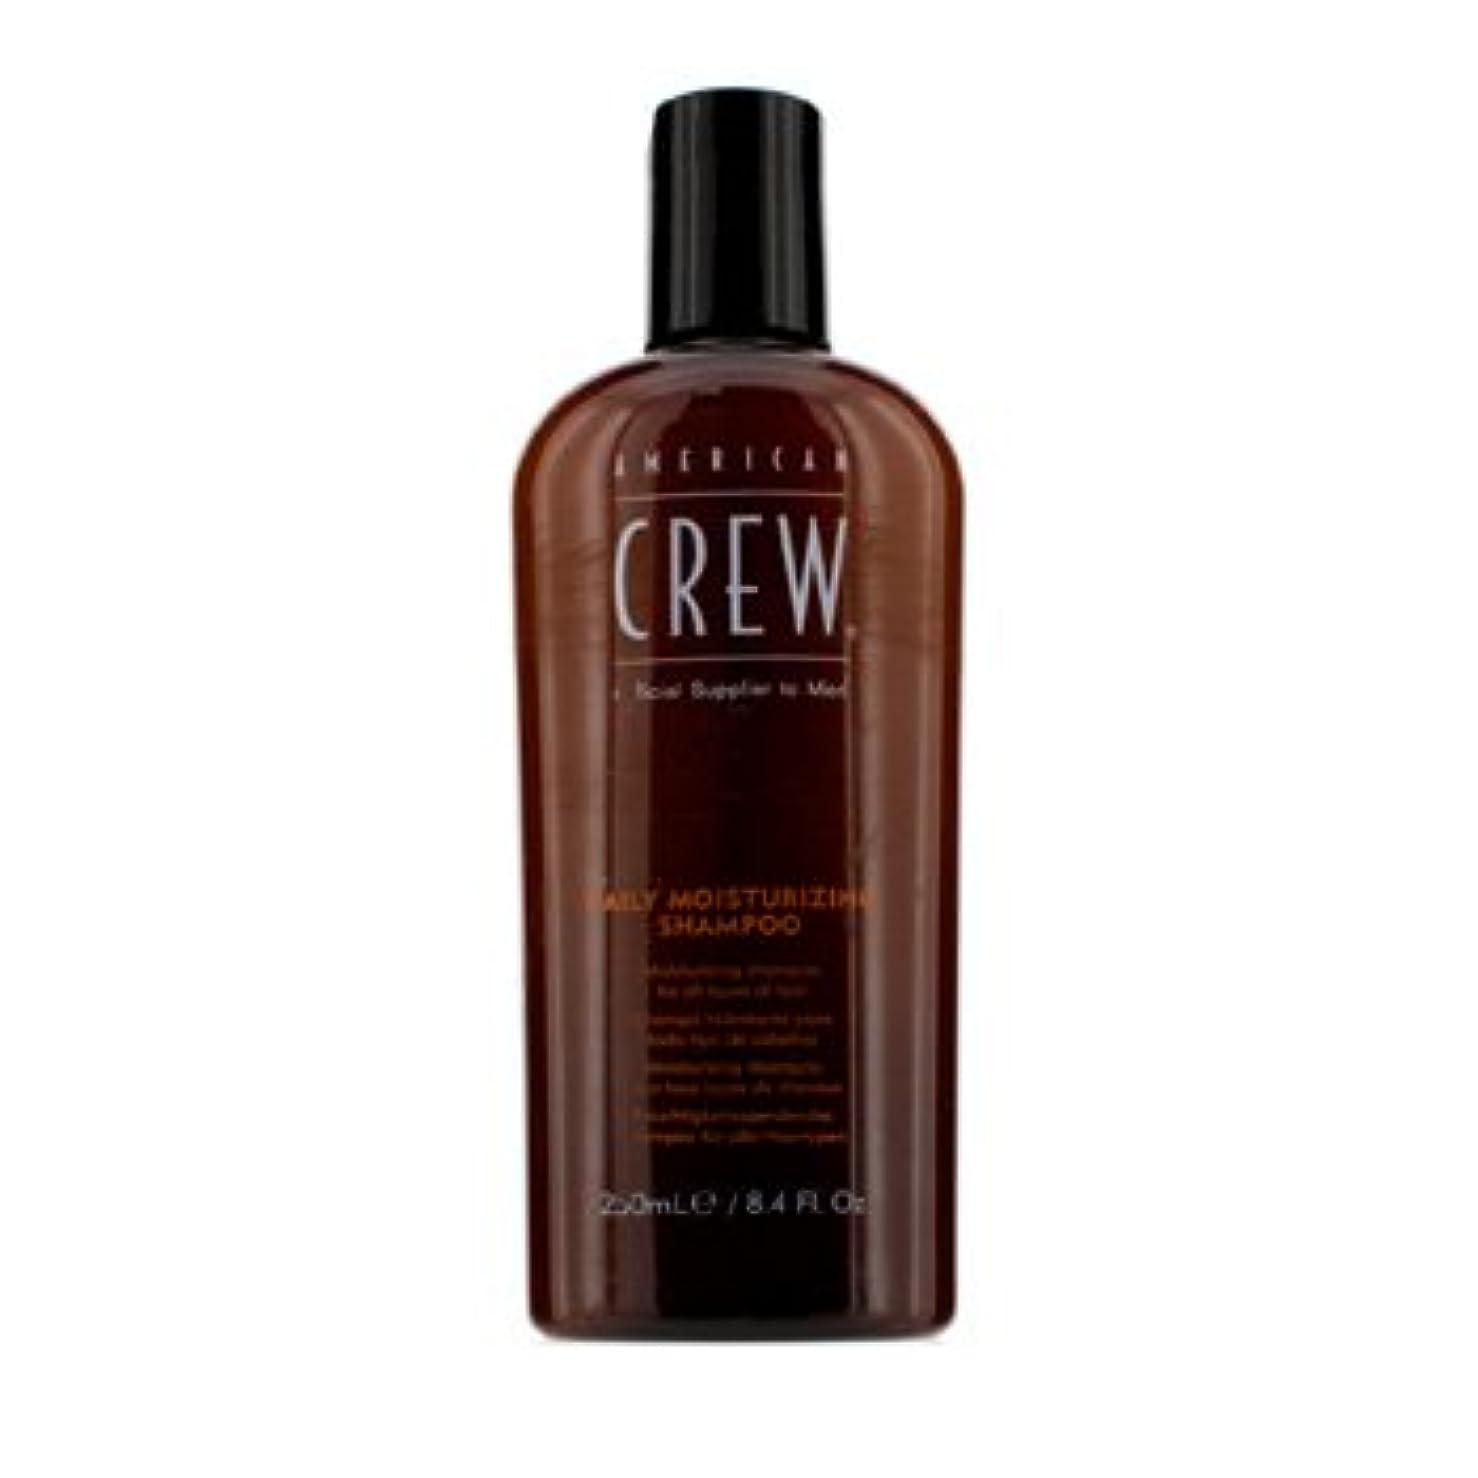 平均ルアー論争[American Crew] Men Daily Moisturizing Shampoo (For All Types of Hair) 250ml/8.4oz